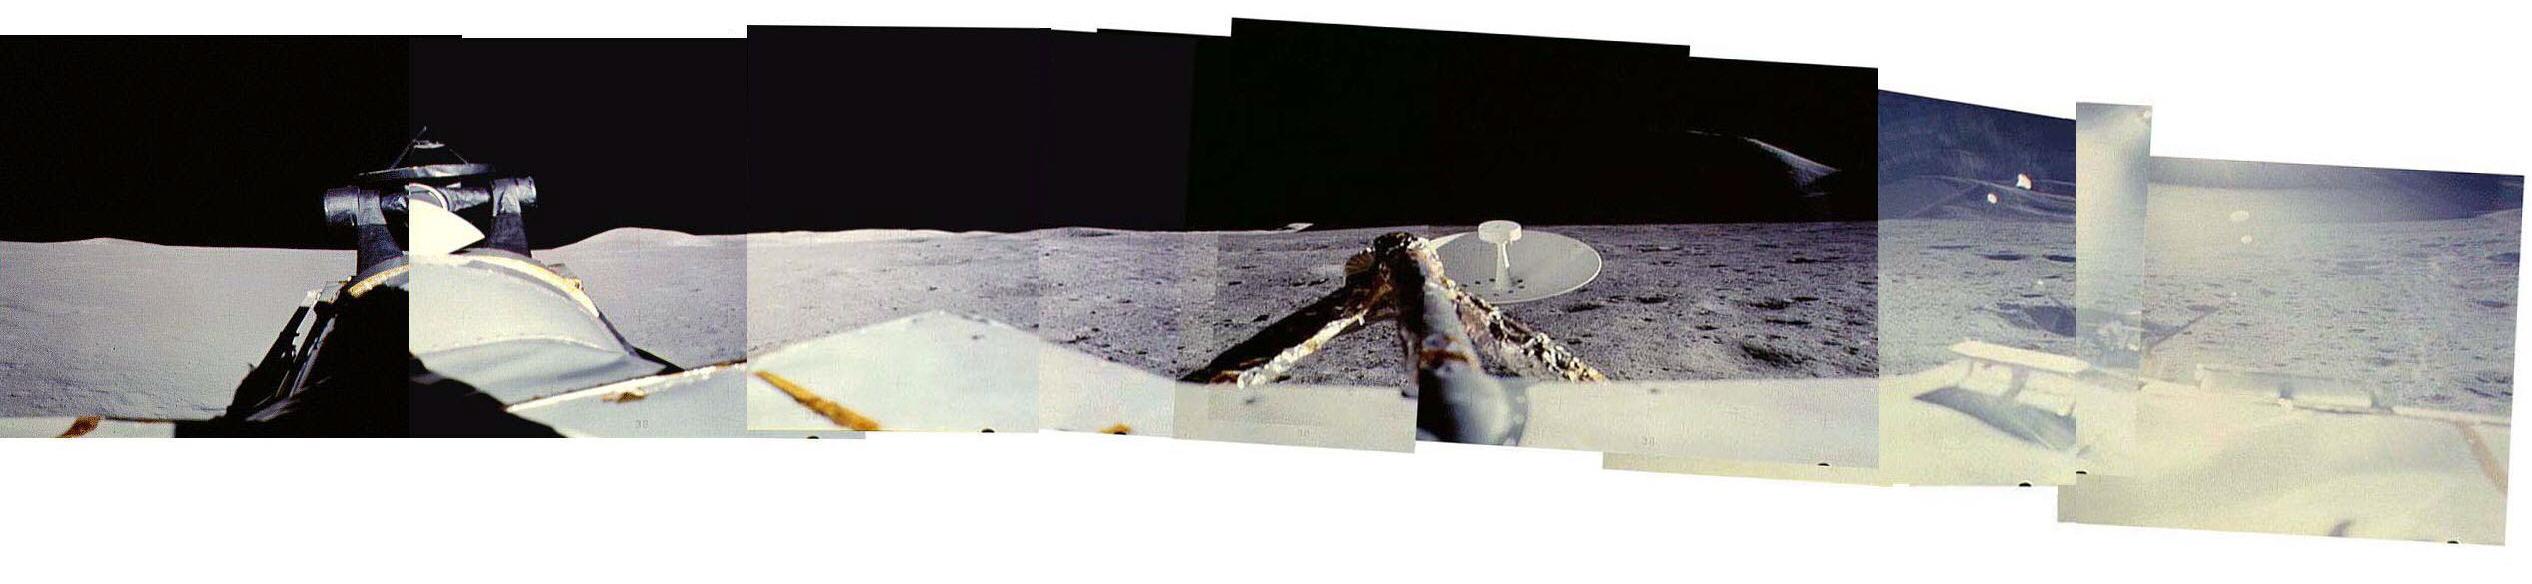 Montaje 360º con fotografías de la SEVA (a15pan1065827) - NASA